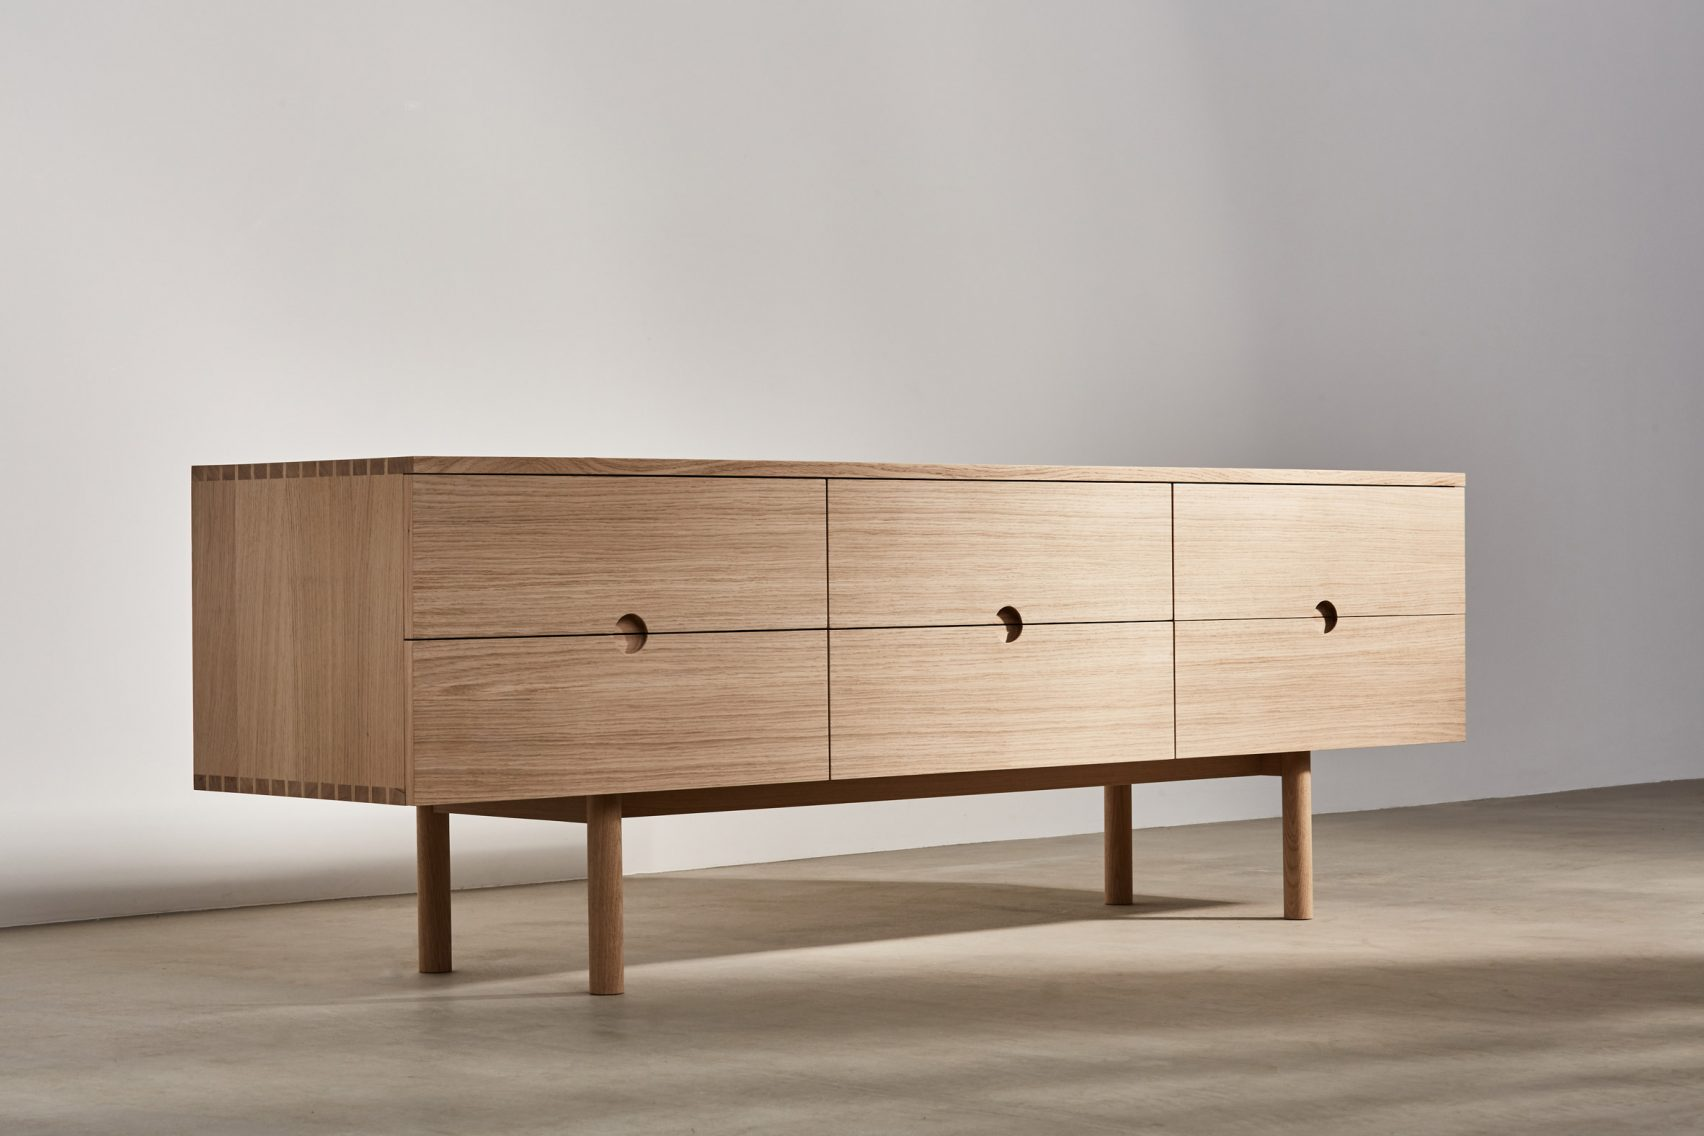 Foster partners lancia una nuova linea di mobili in legno for Mobiliere significato